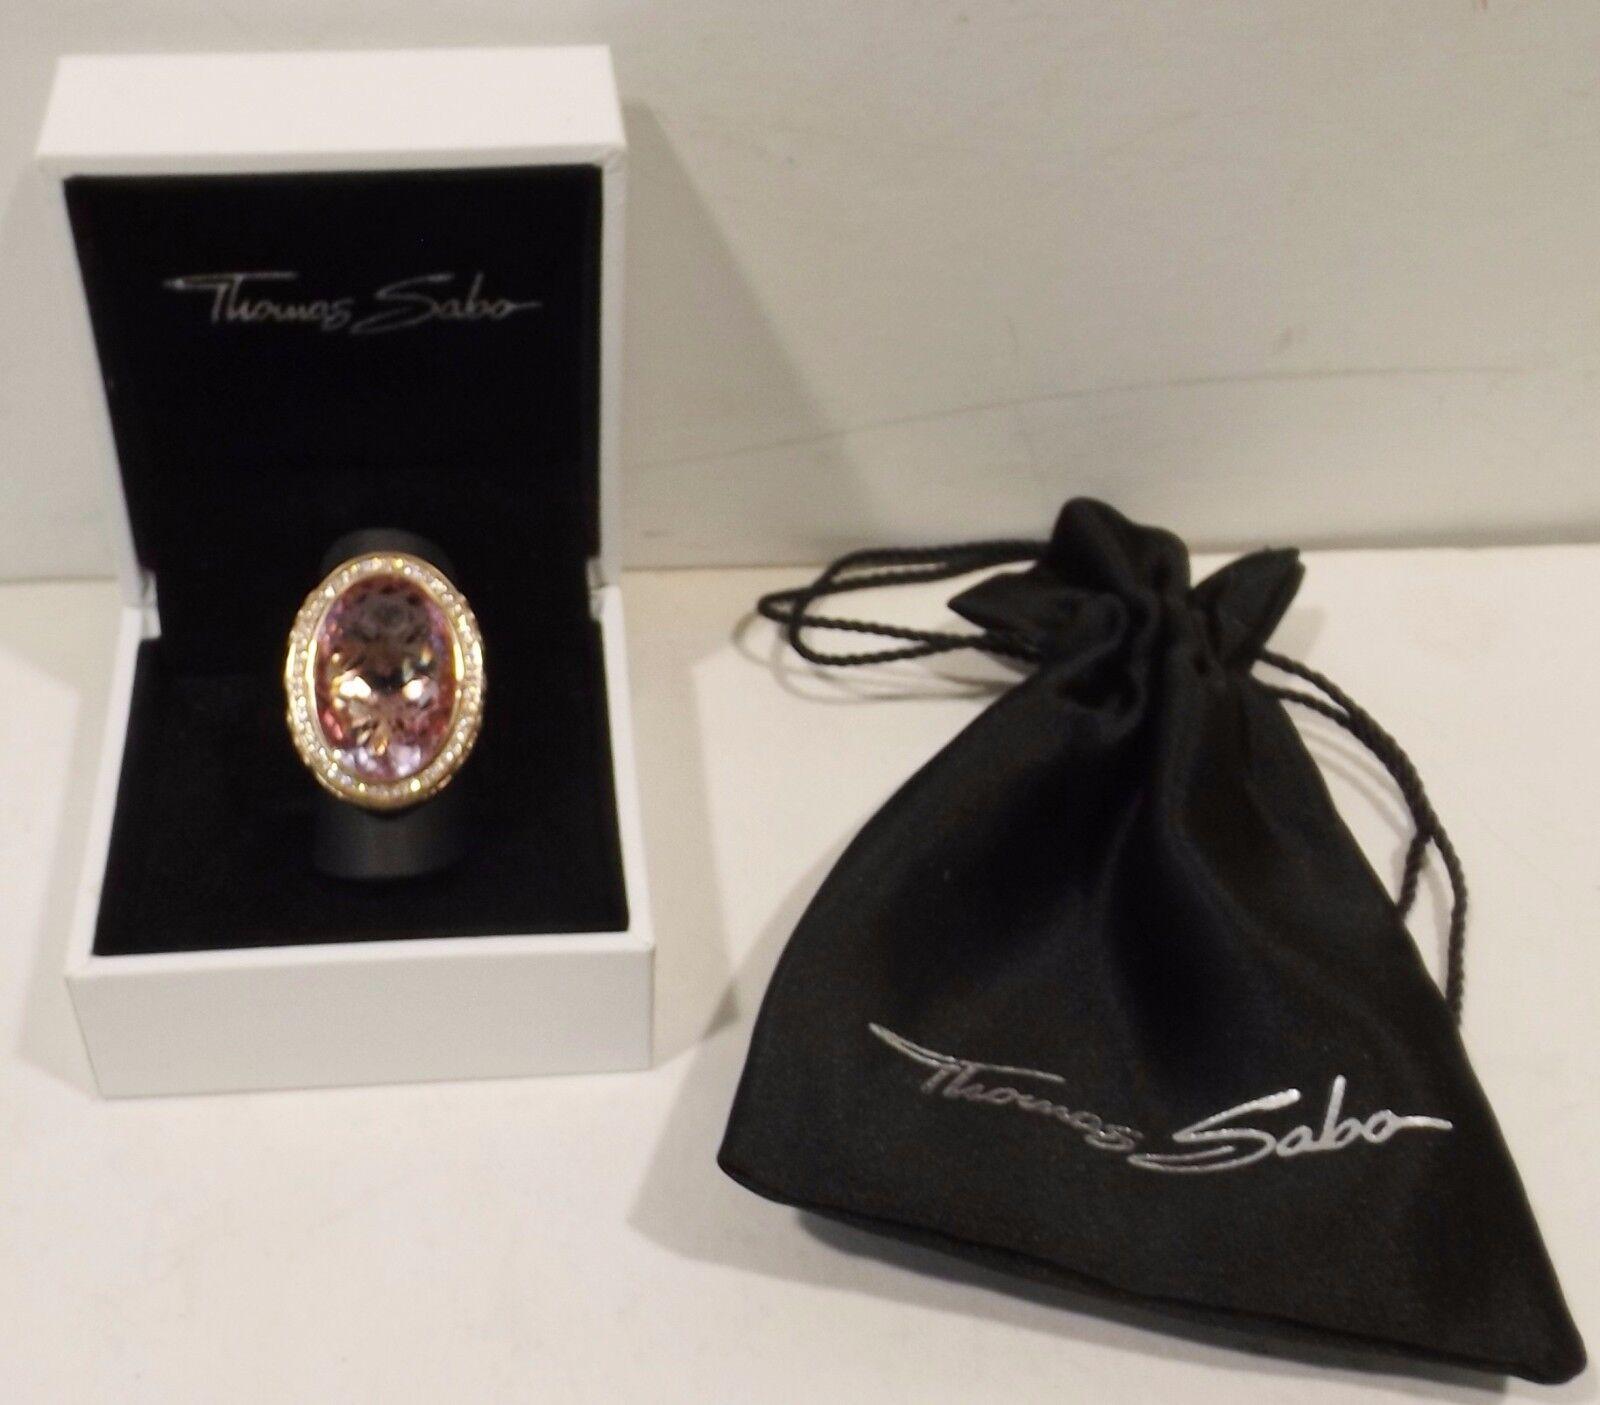 Thomas Sabo Anello 925 925 925 Sterling argentoo rosa Dorato-Zirconia Bianco rosaer CORINDONE 0efbce